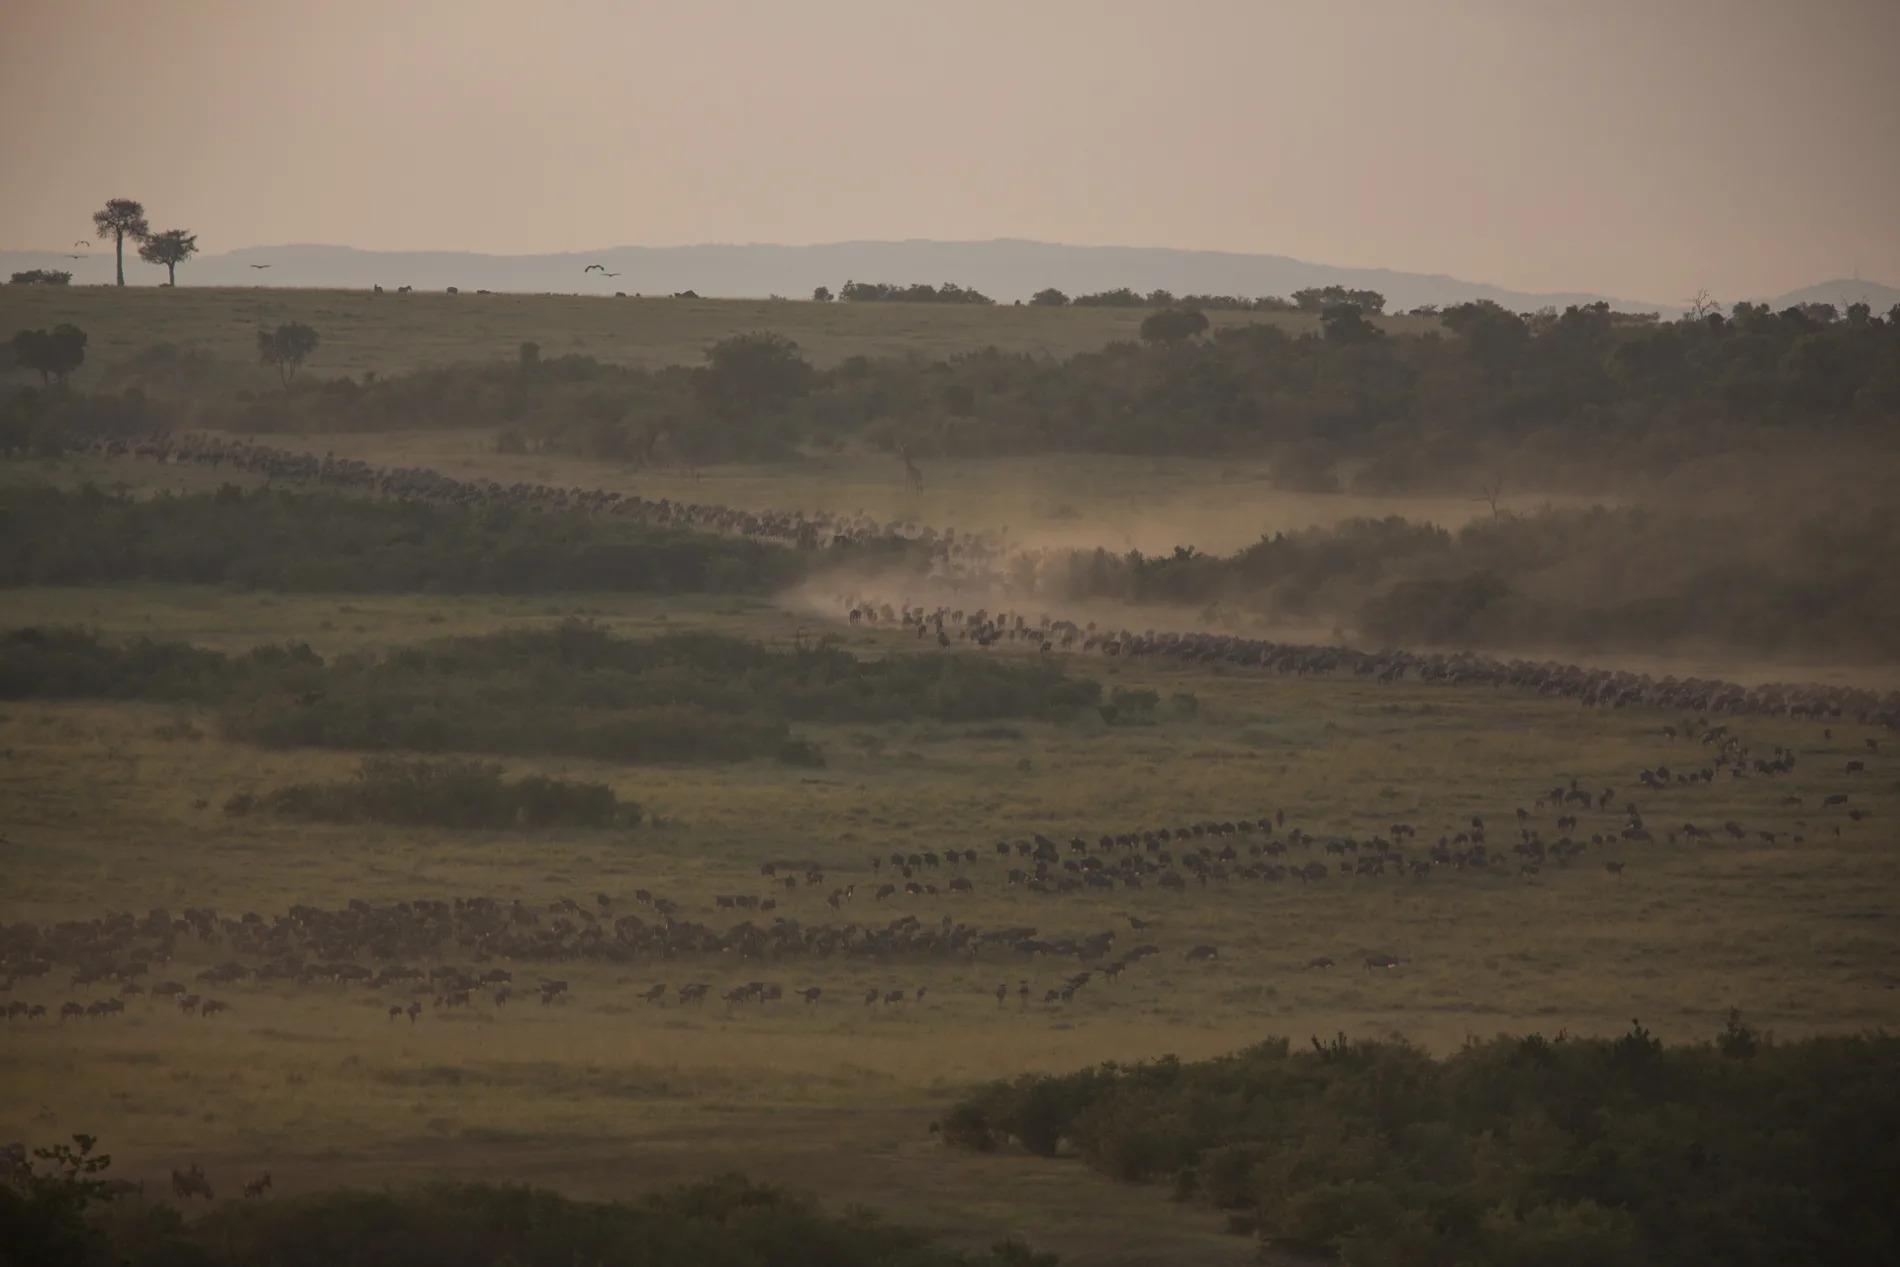 Wildebeest making their way